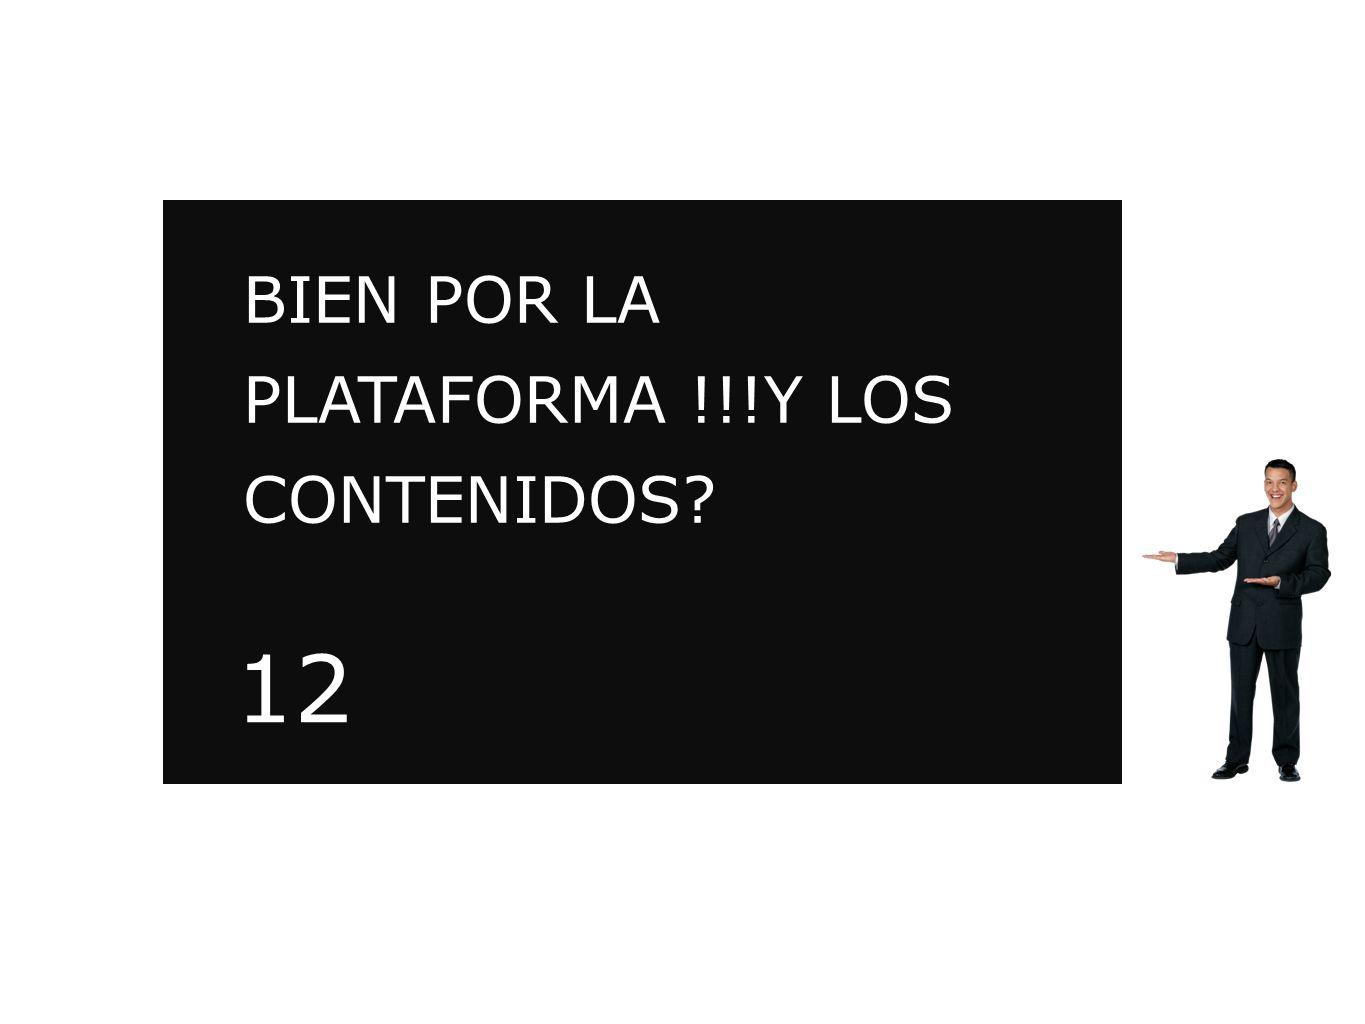 BIEN POR LA PLATAFORMA !!!Y LOS CONTENIDOS? MEDIAPLAY.TV 12